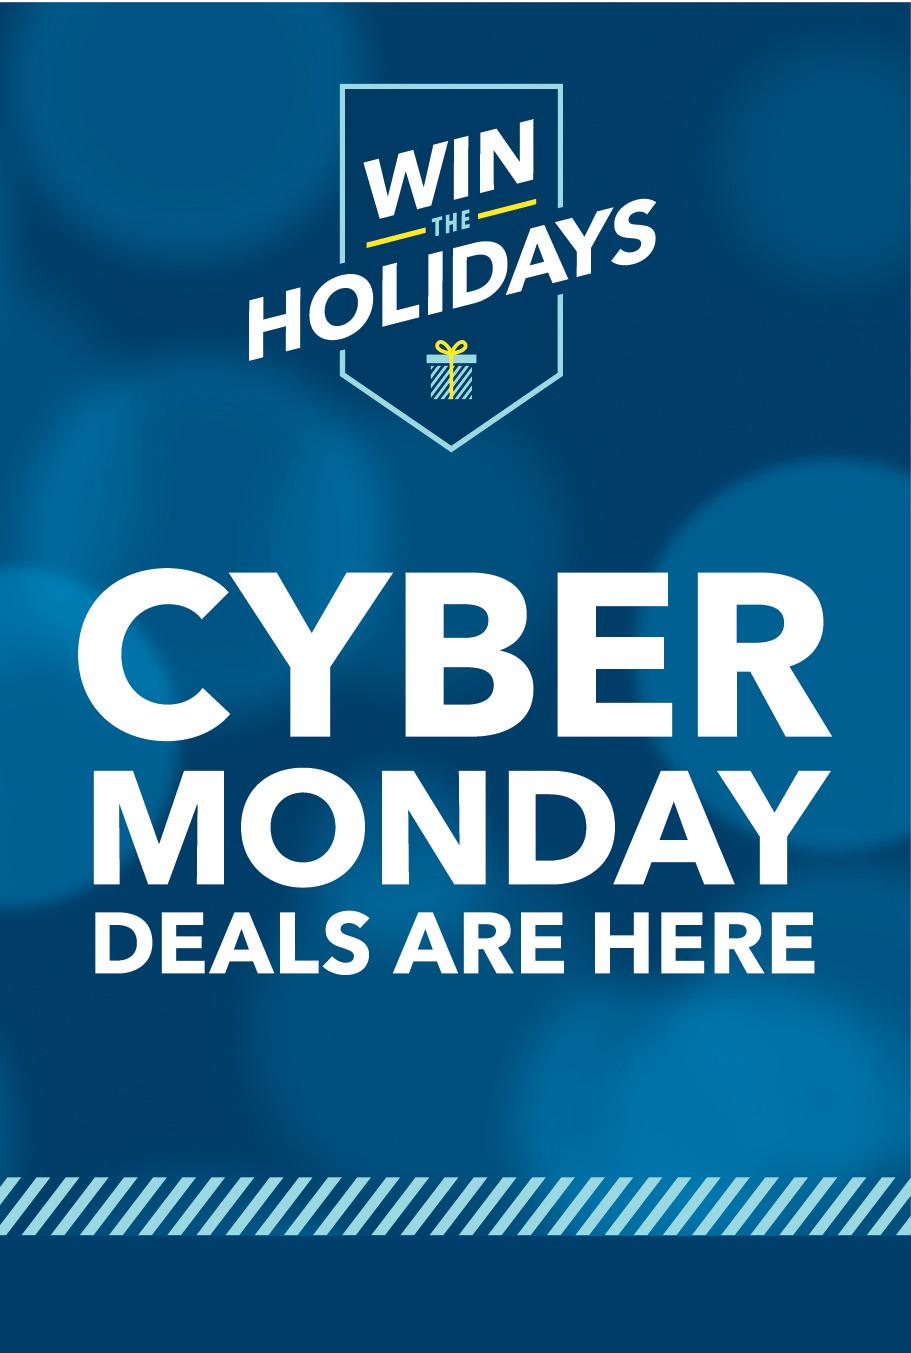 Millions Shop Best Buy Black Friday Weekend Deals; Cyber Week Offers ...